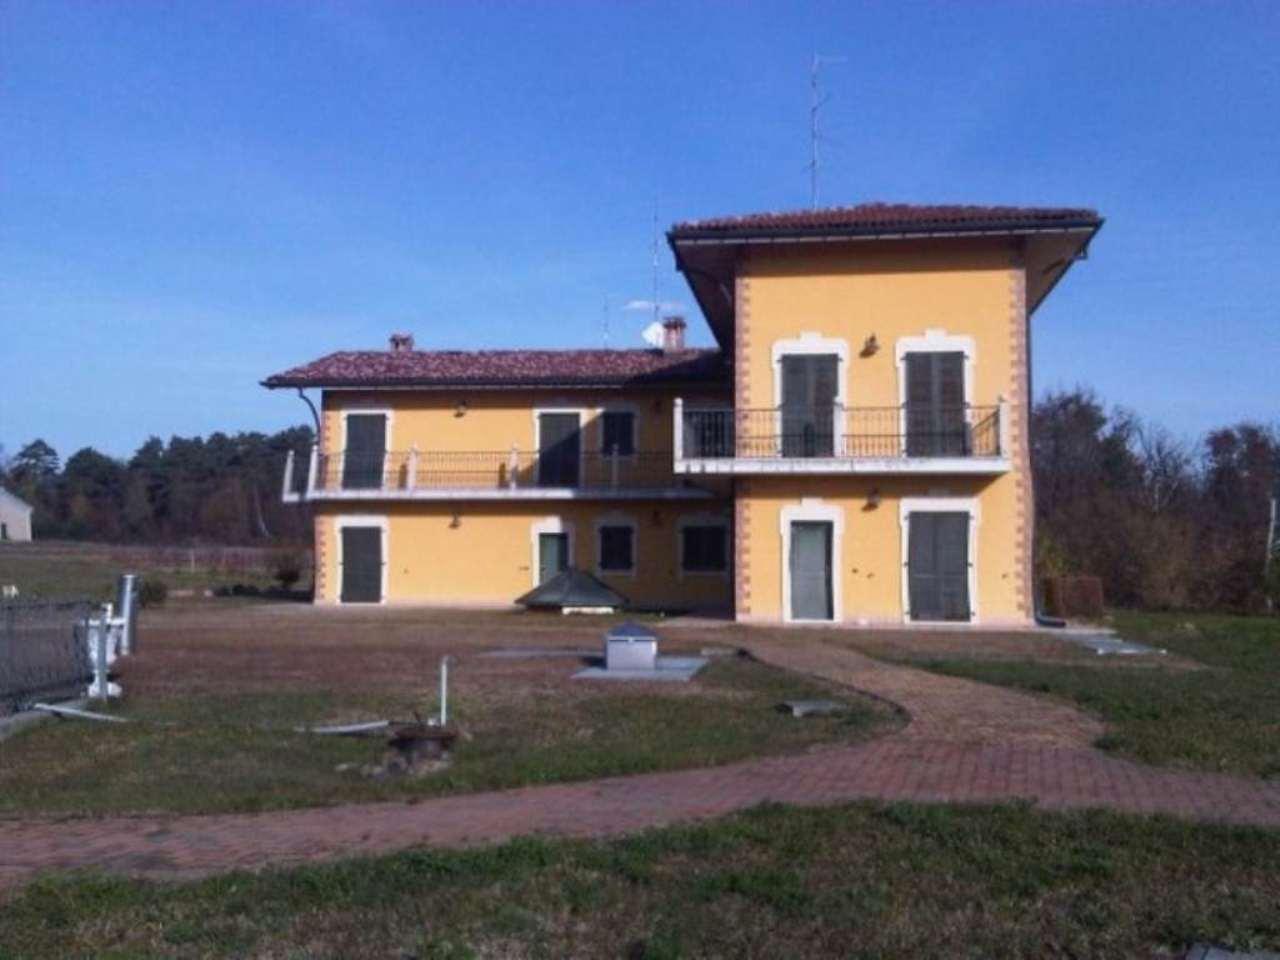 Soluzione Indipendente in vendita a Castiglione Olona, 6 locali, prezzo € 2.000.000 | PortaleAgenzieImmobiliari.it